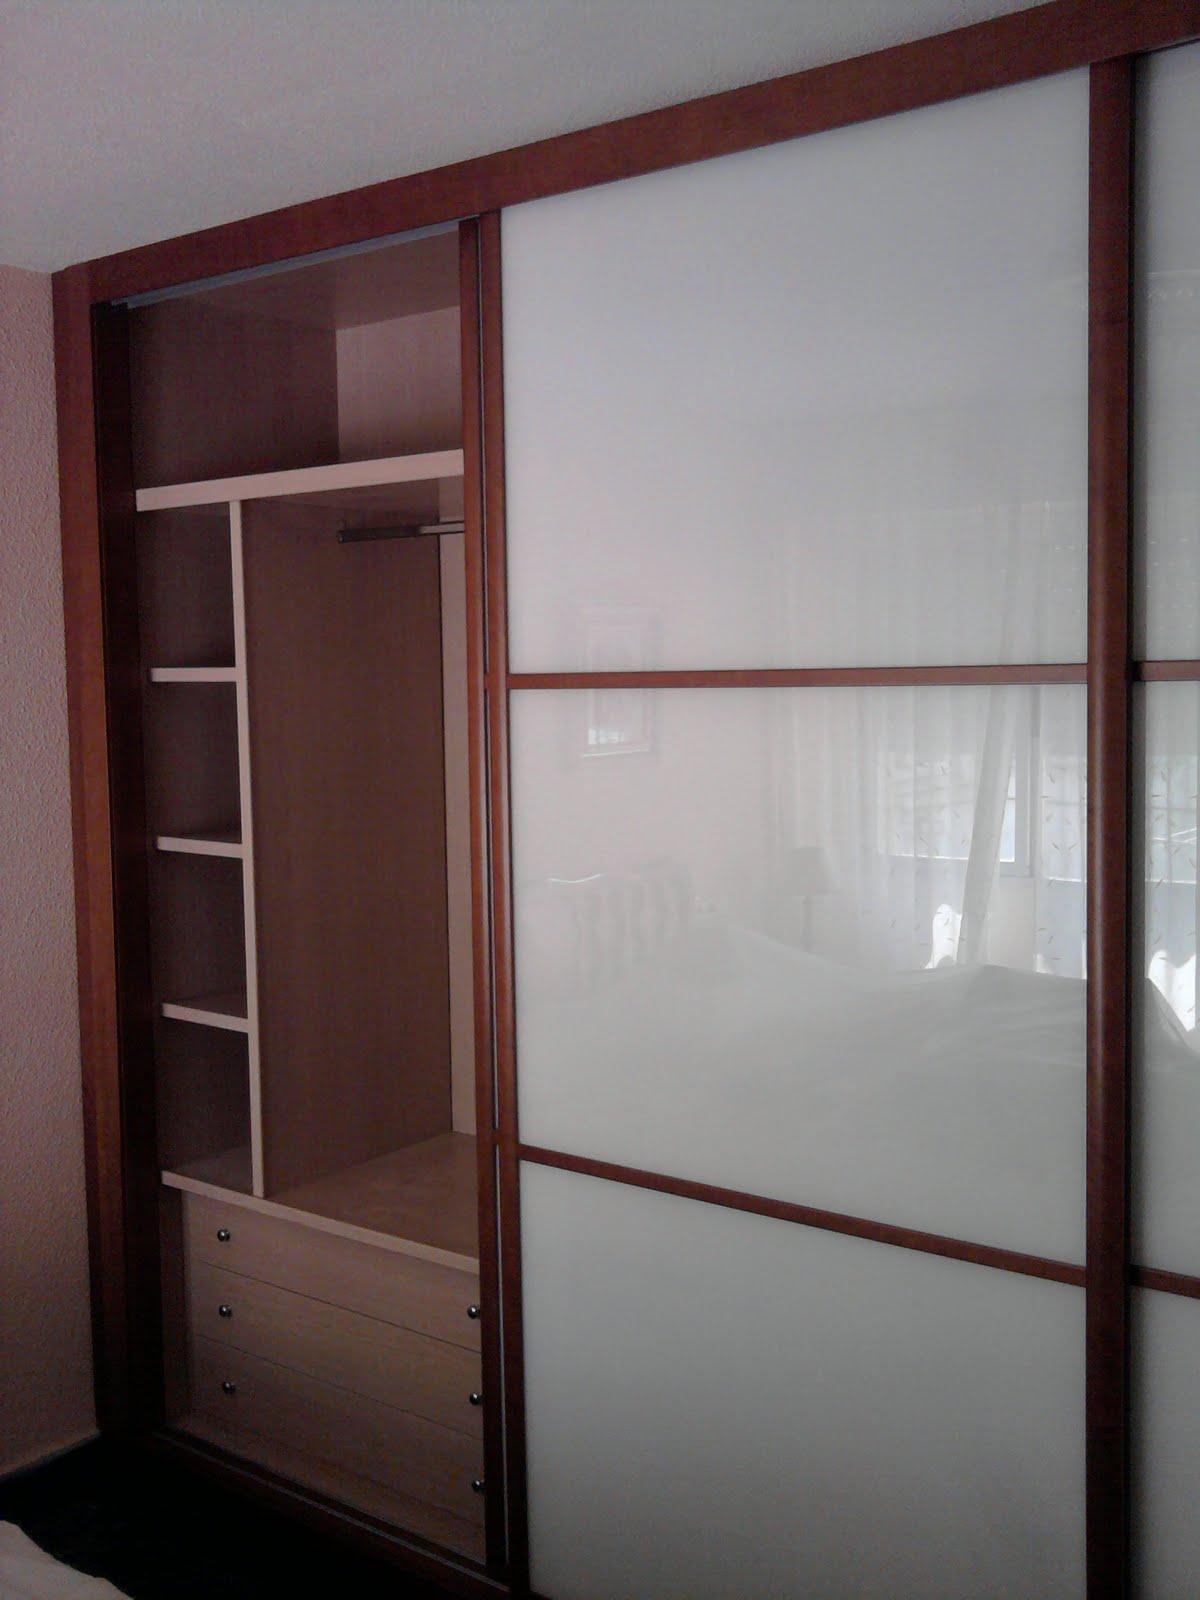 Decoraciones sahuquillo armario cerezo puertas correderas - Puertas para armarios ikea ...